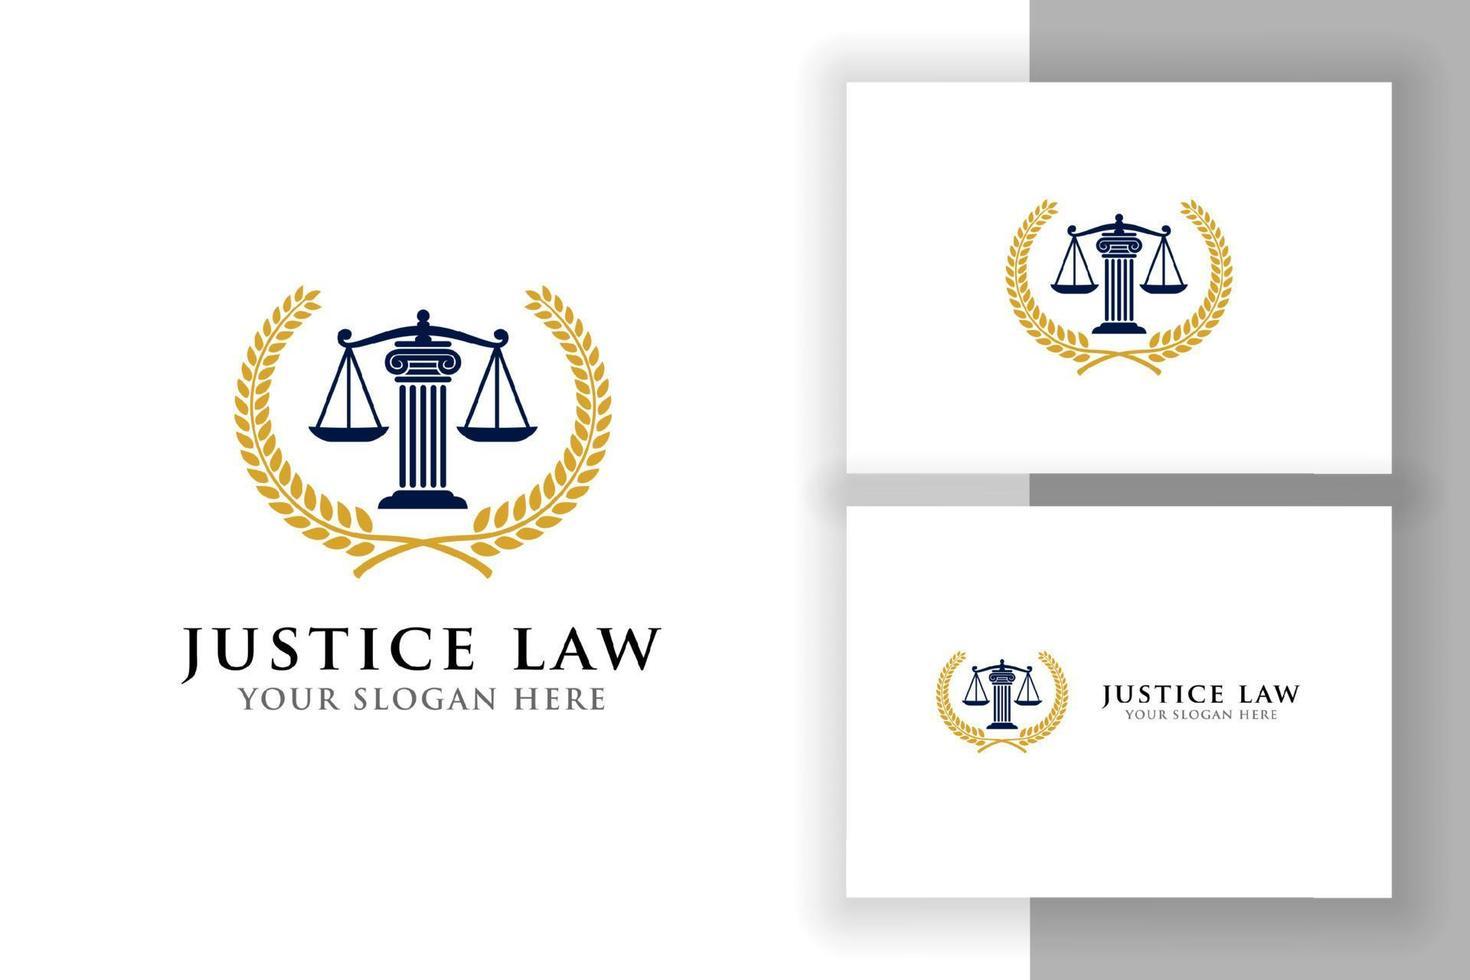 emblema do modelo de design de logotipo de lei de justiça. projeto de vetor de logotipo de advogado. ilustração vetorial de escalas e pilar da justiça